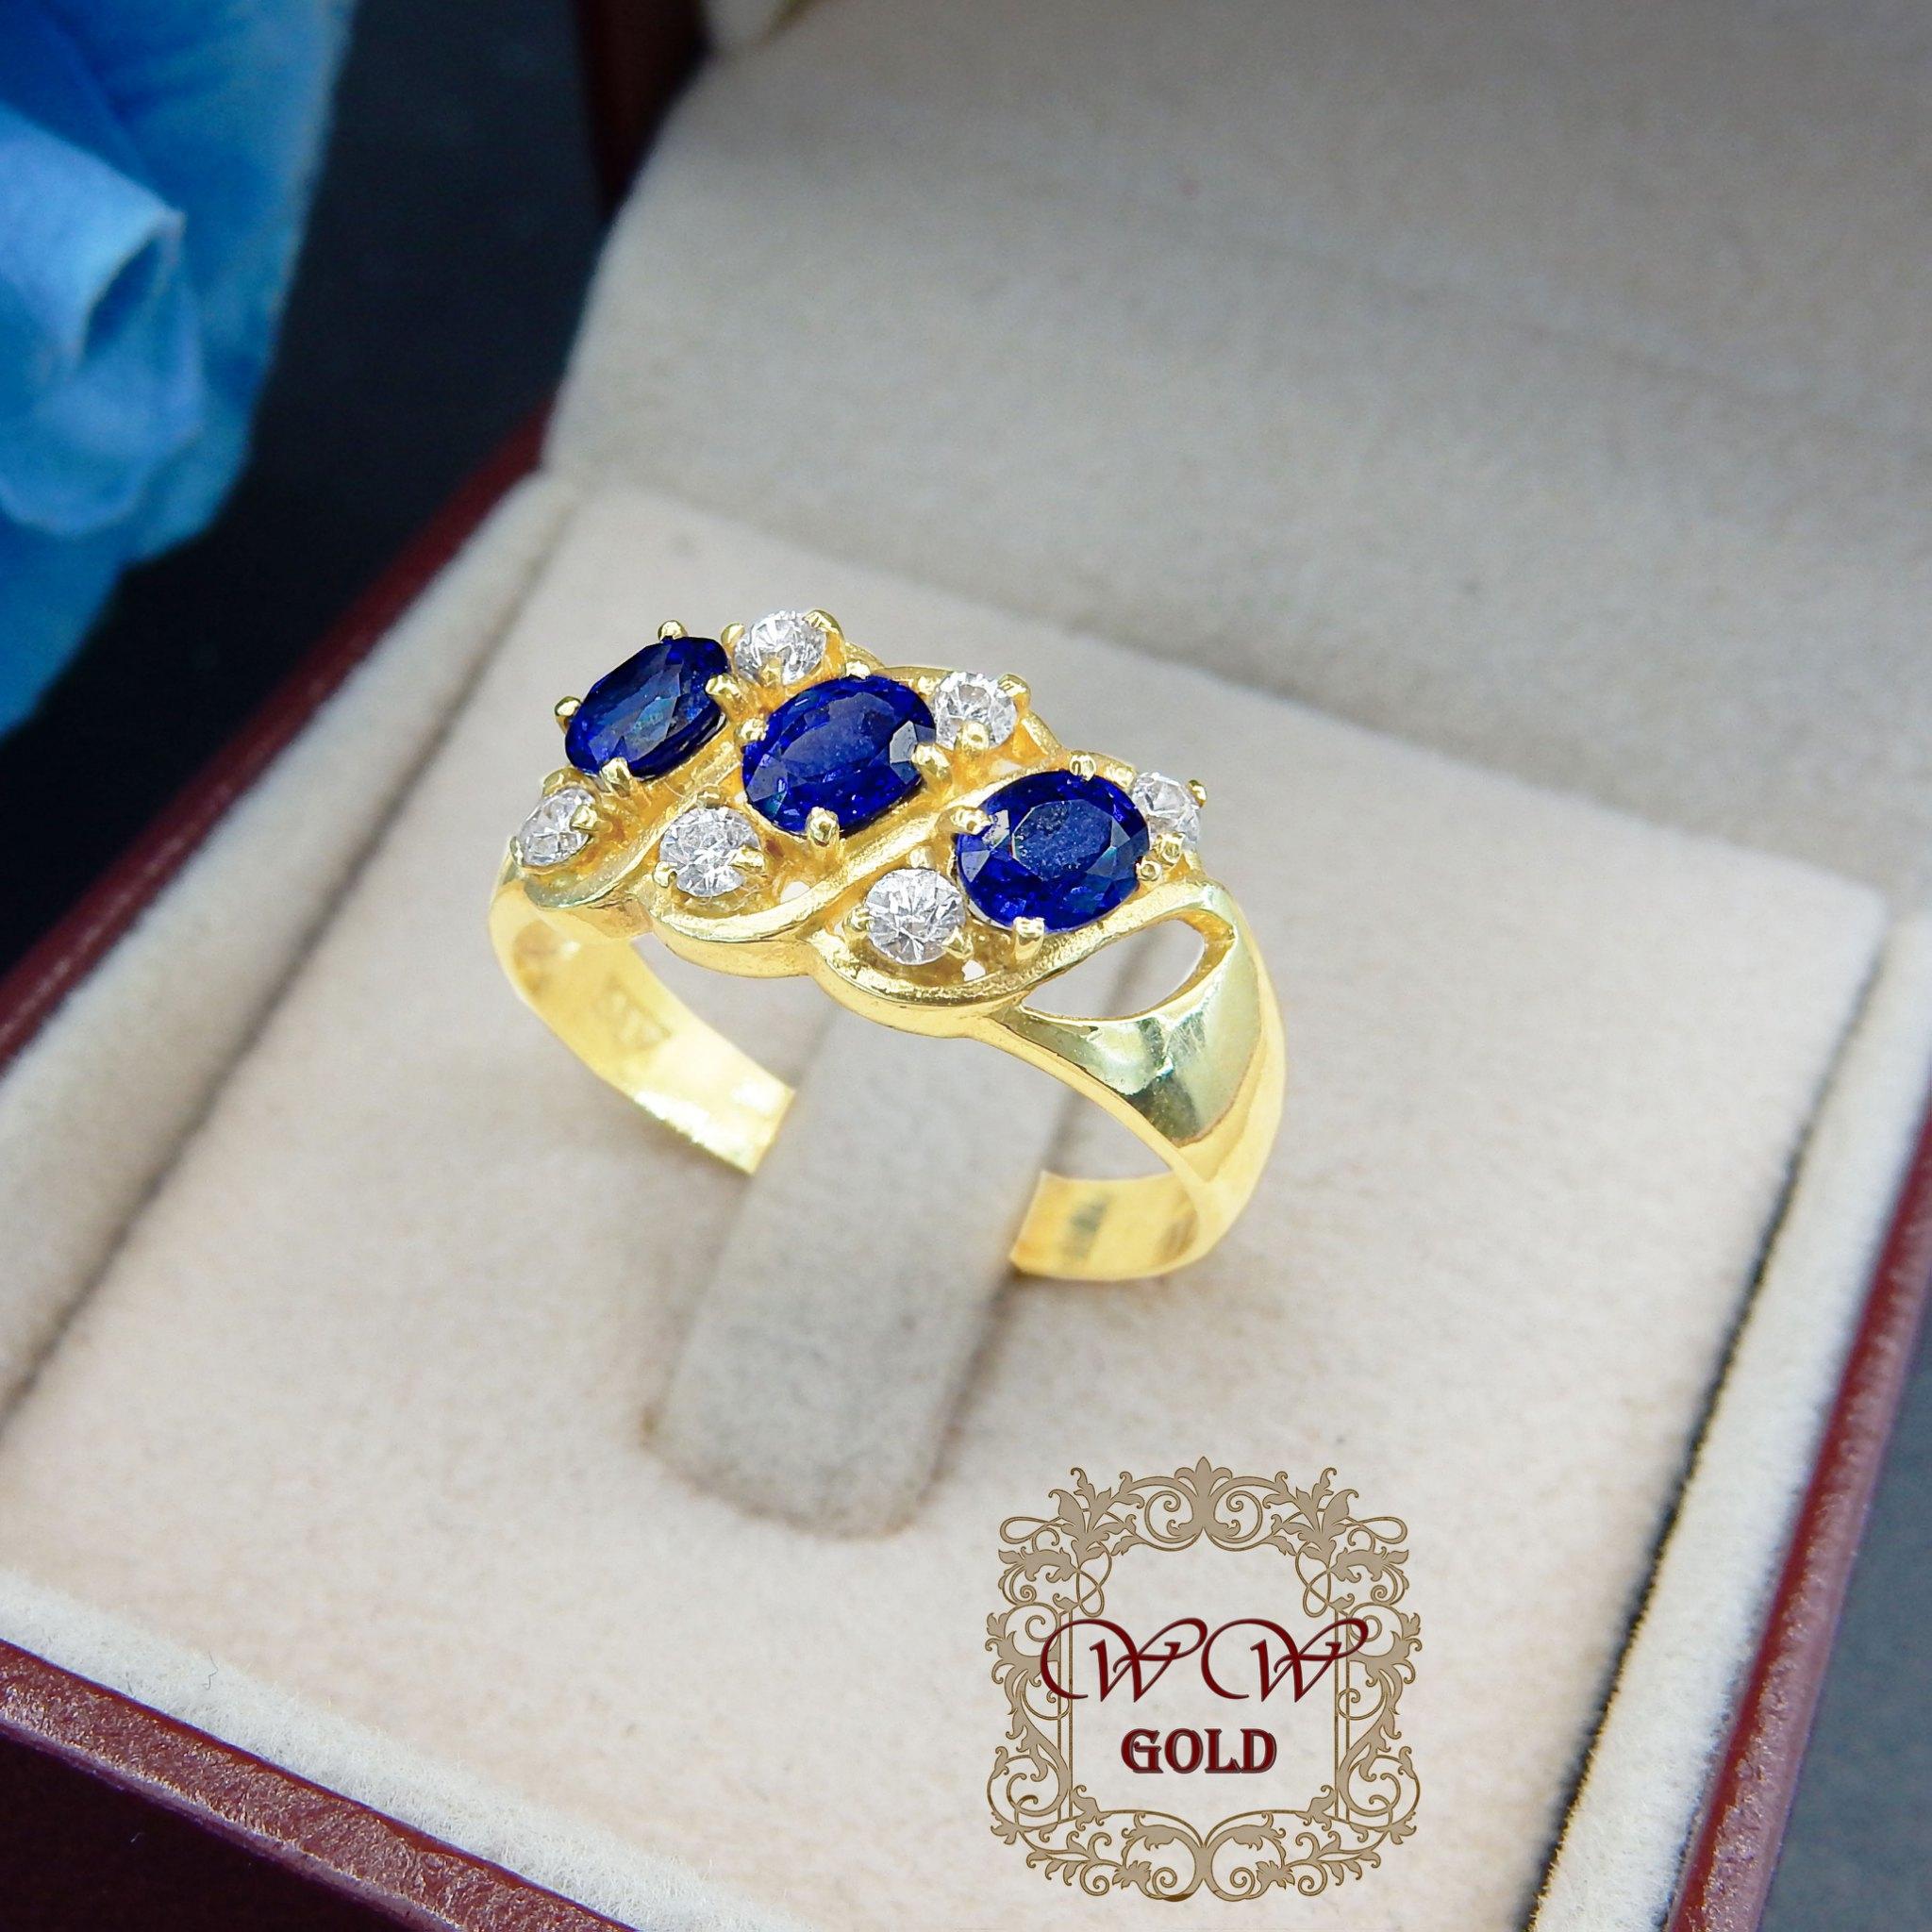 แหวนพลอยสีน้ำเงิน + เพชรสวิส (cz)